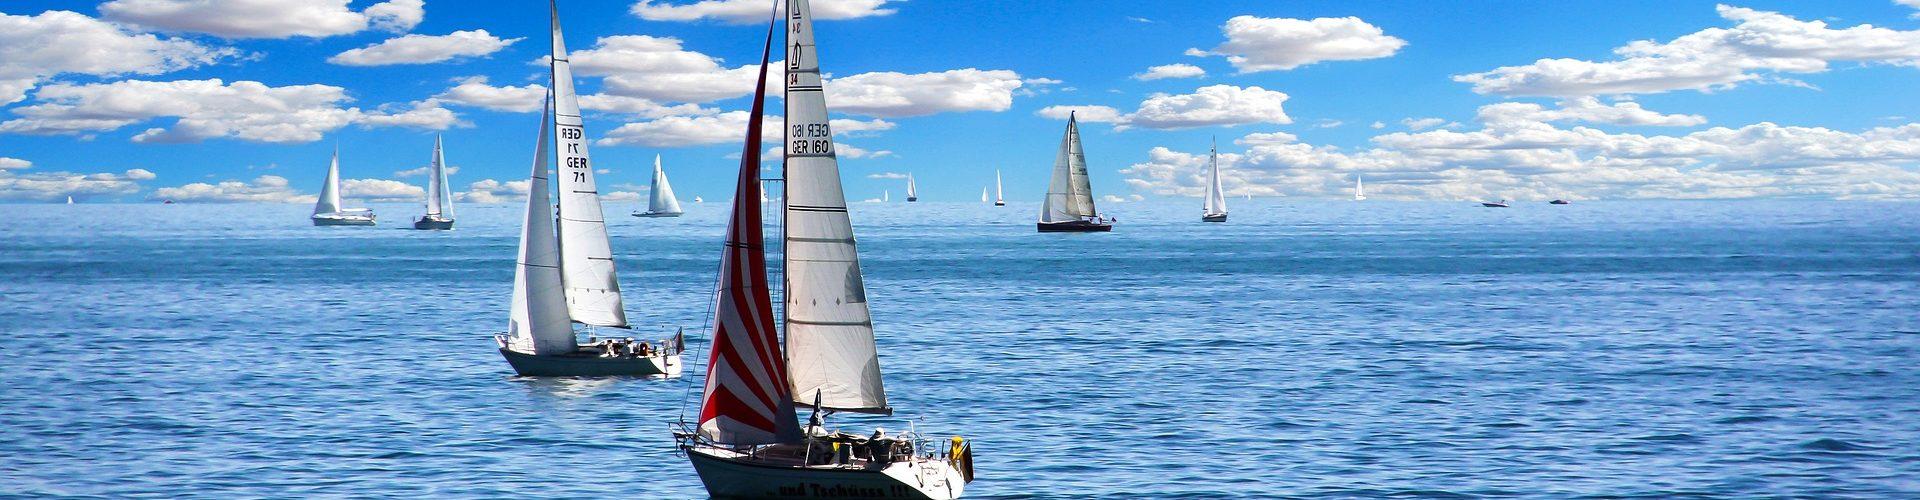 segeln lernen in Dömitz segelschein machen in Dömitz 1920x500 - Segeln lernen in Dömitz